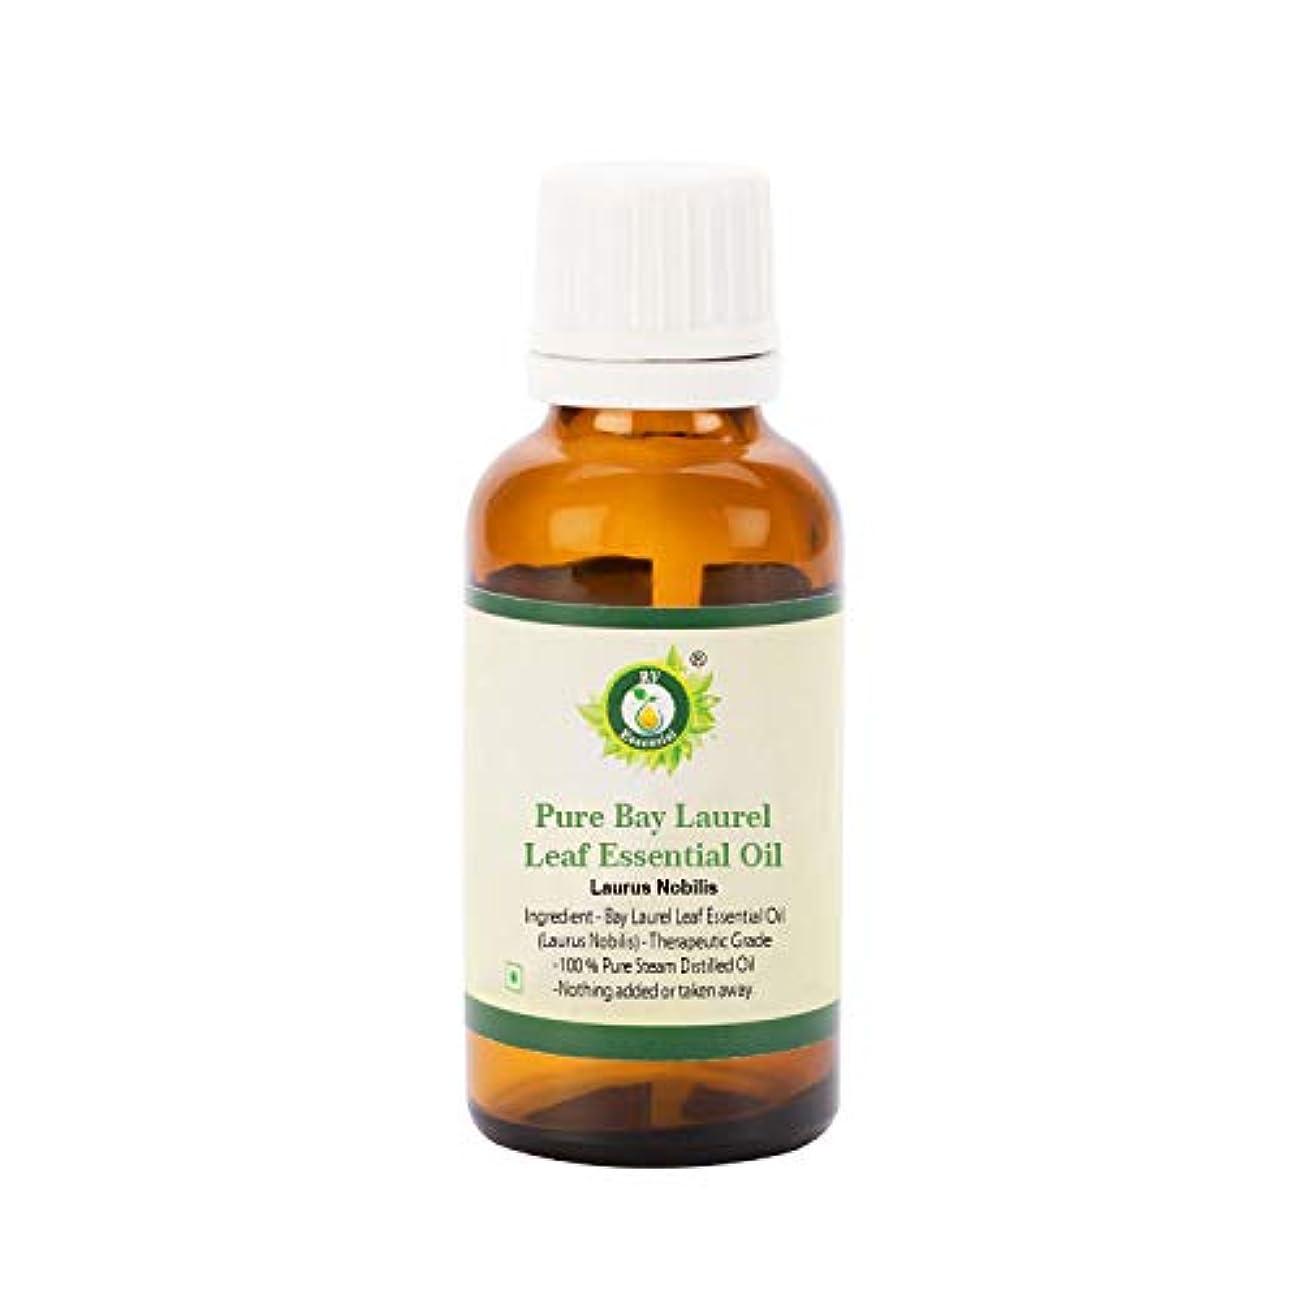 スカルクそのパターンR V Essential ピュアベイローレル Leaf エッセンシャルオイル100ml (3.38oz)- Laurus Nobilis (100%純粋&天然スチームDistilled) Pure Bay Laurel Leaf Essential Oil